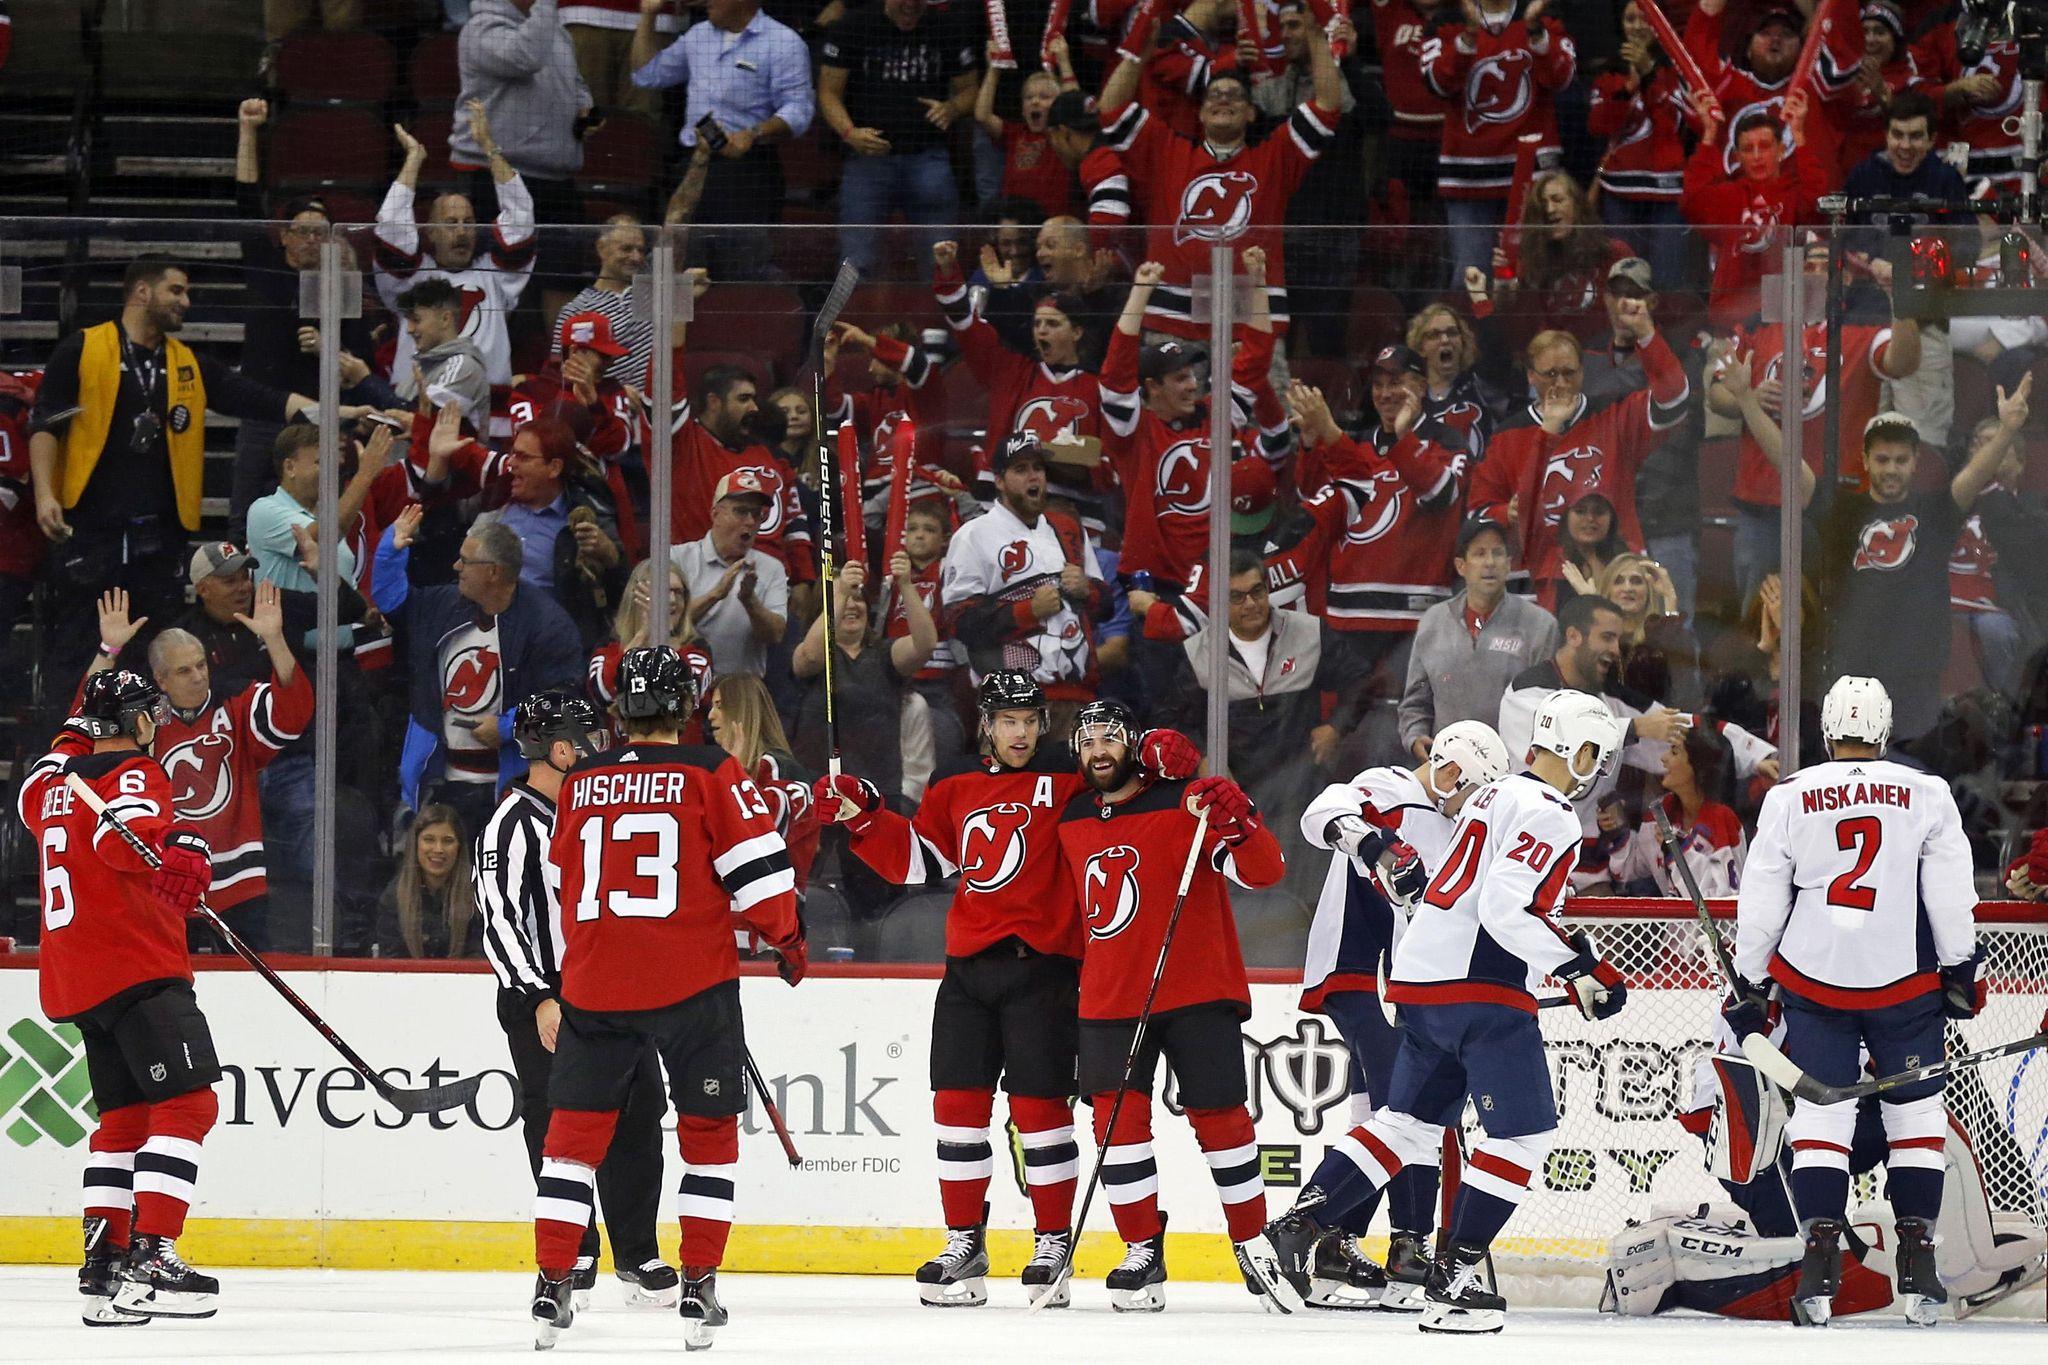 Capitals_devils_hockey_49151_s2048x1365